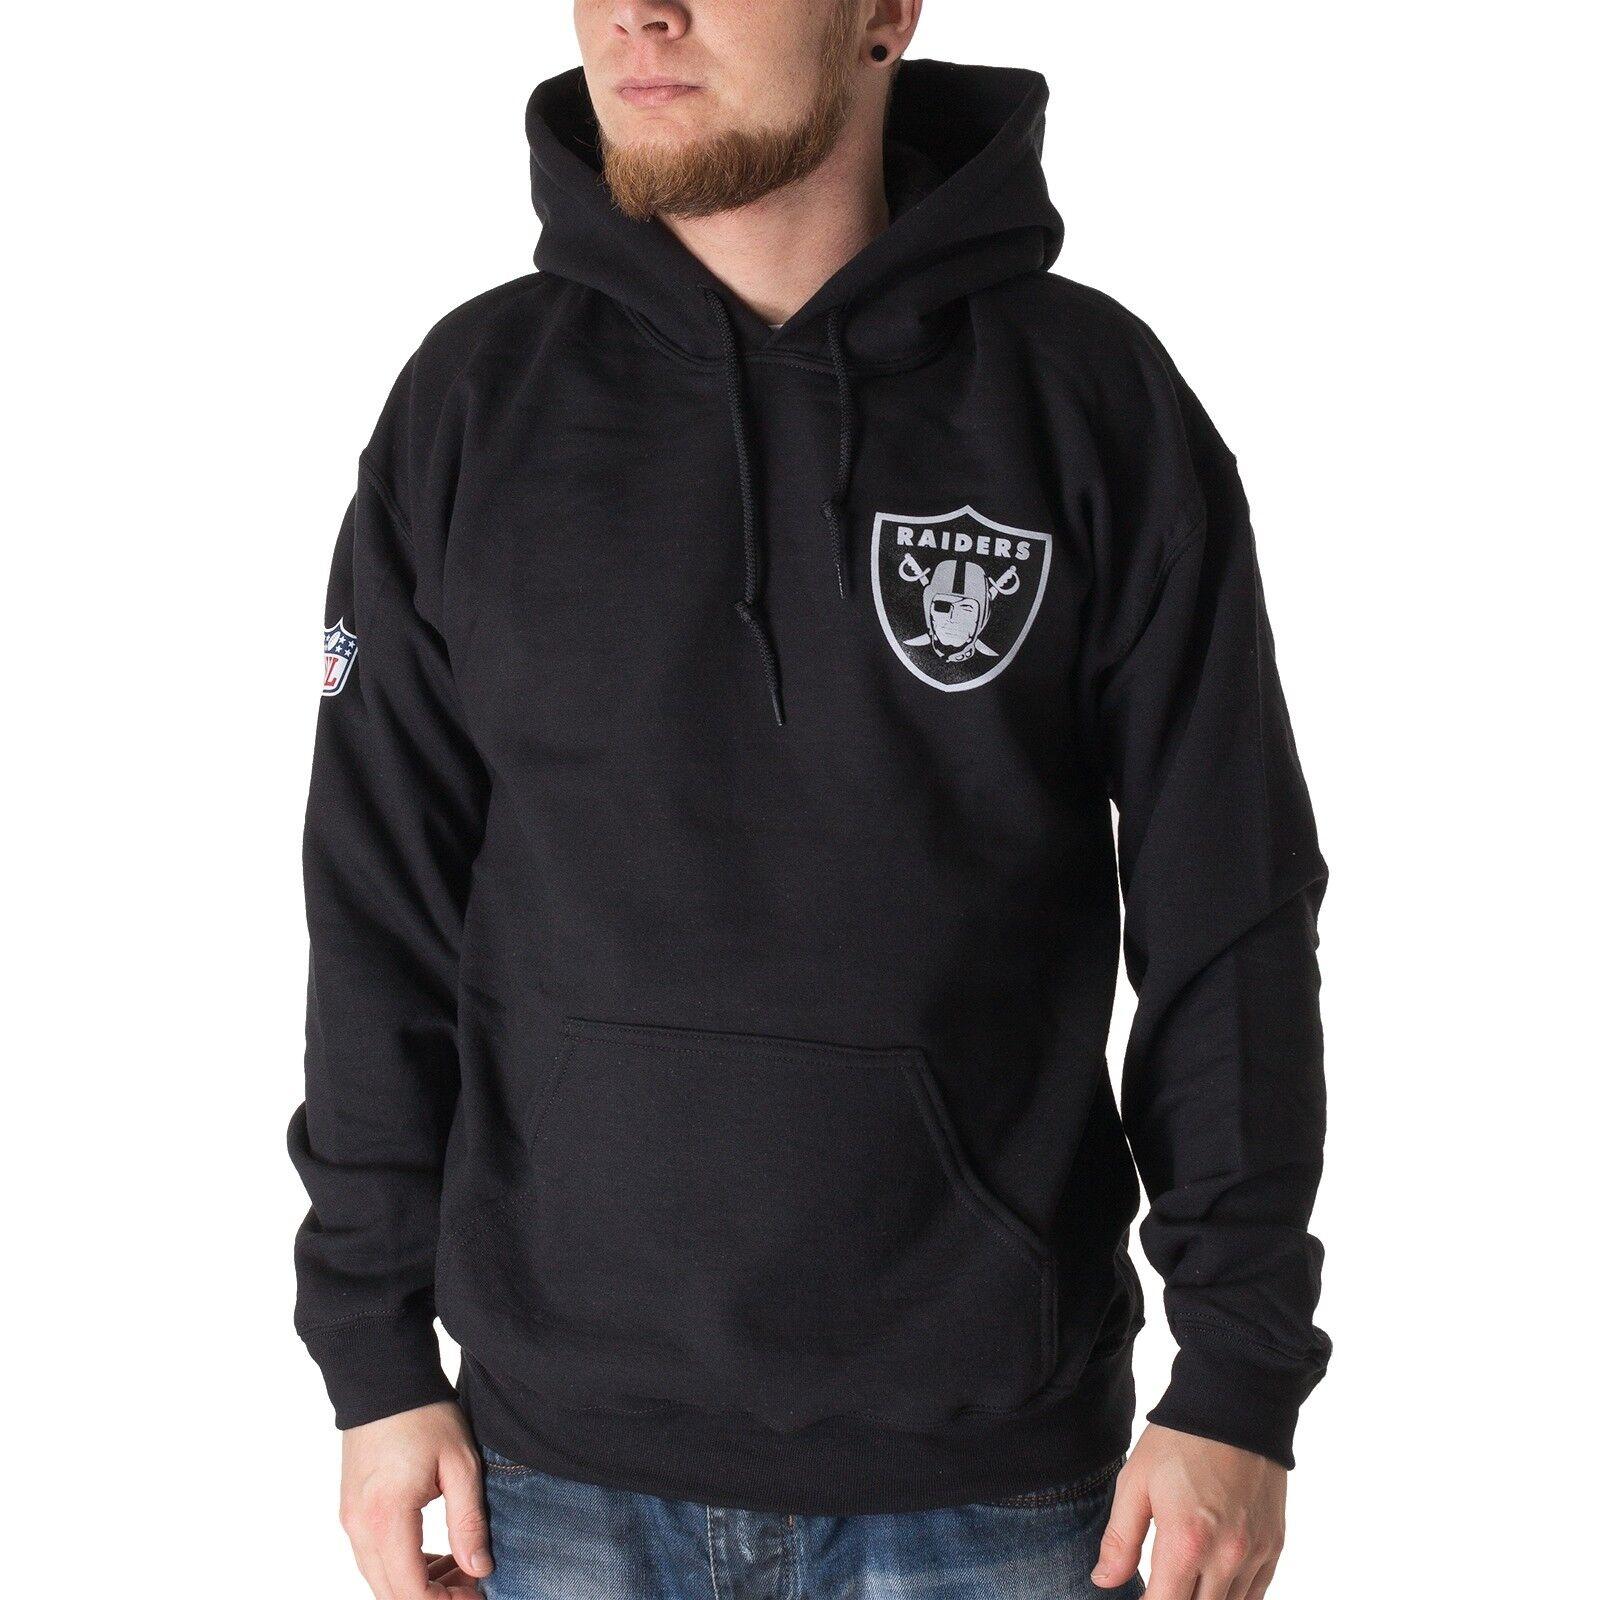 Majestic NFL Oakland Raiders Hoodie Herren Kapuzenpullover schwarz 33848